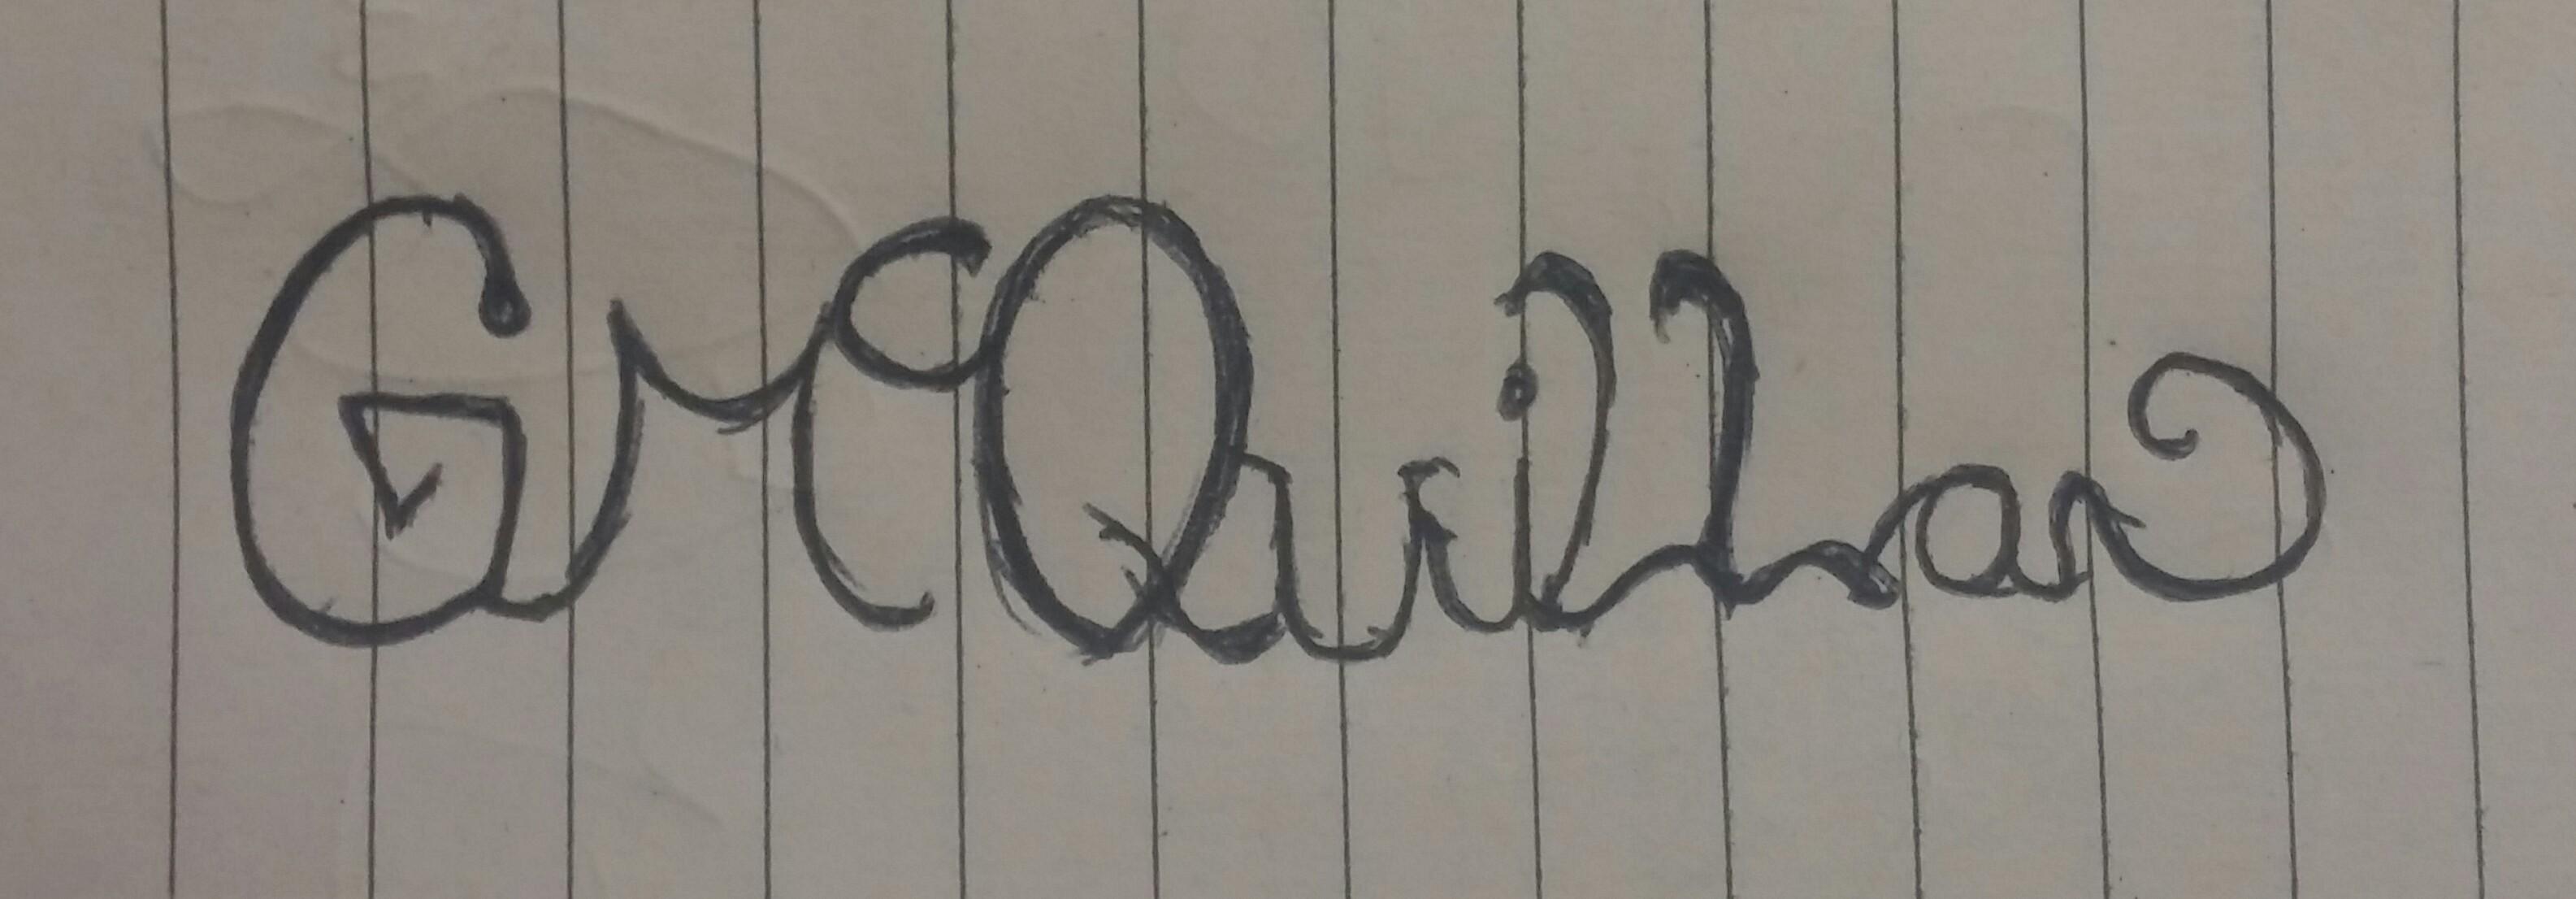 gary mcquillan's Signature